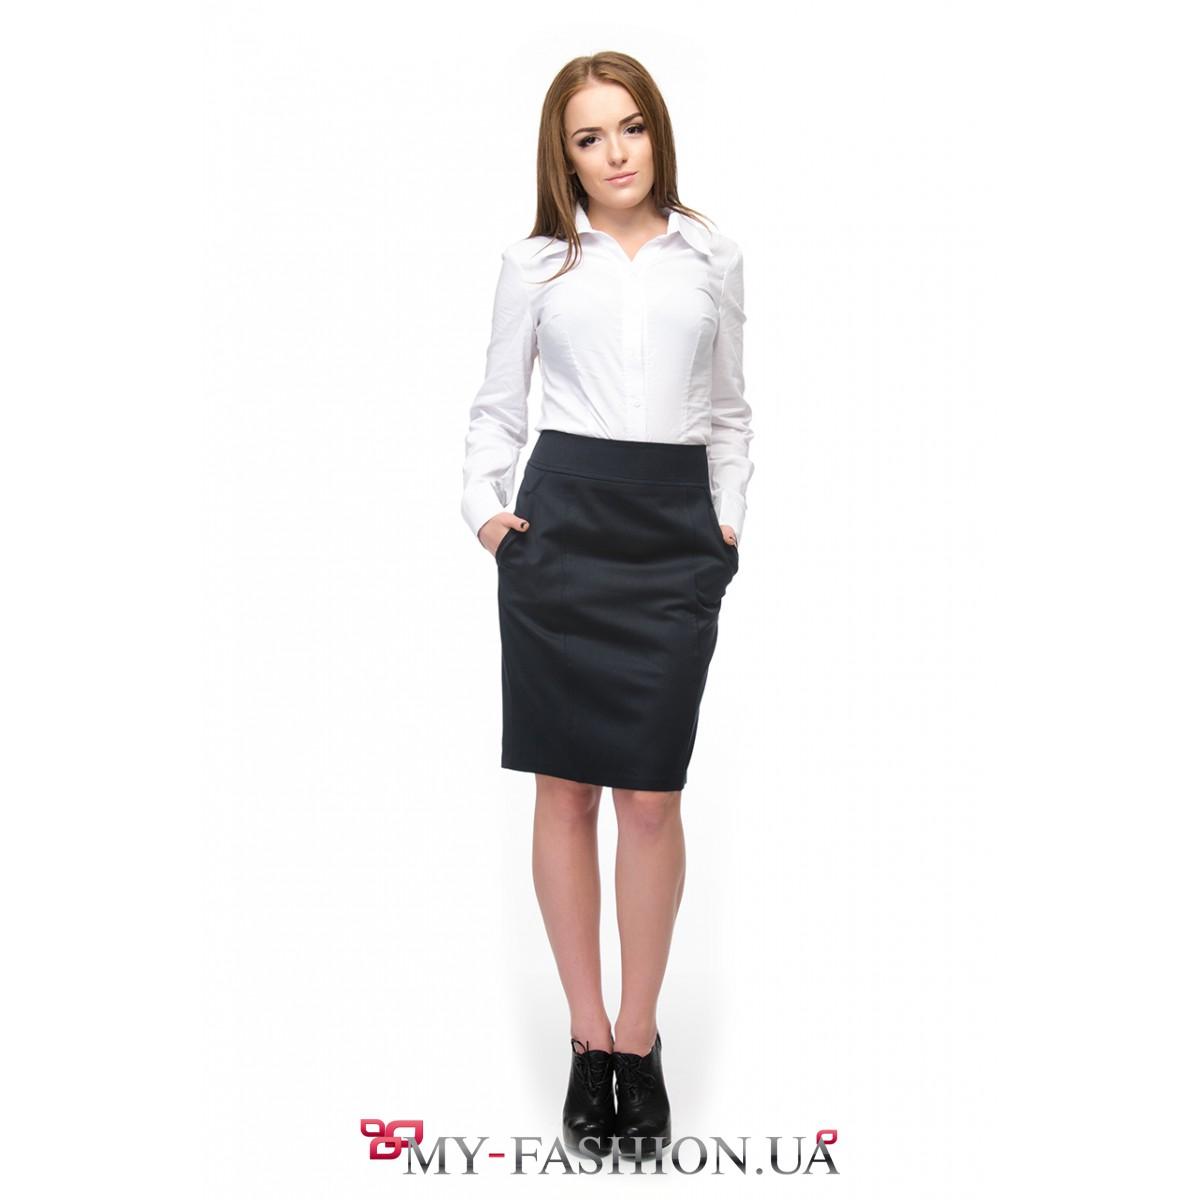 Оптом офисные блузки купить